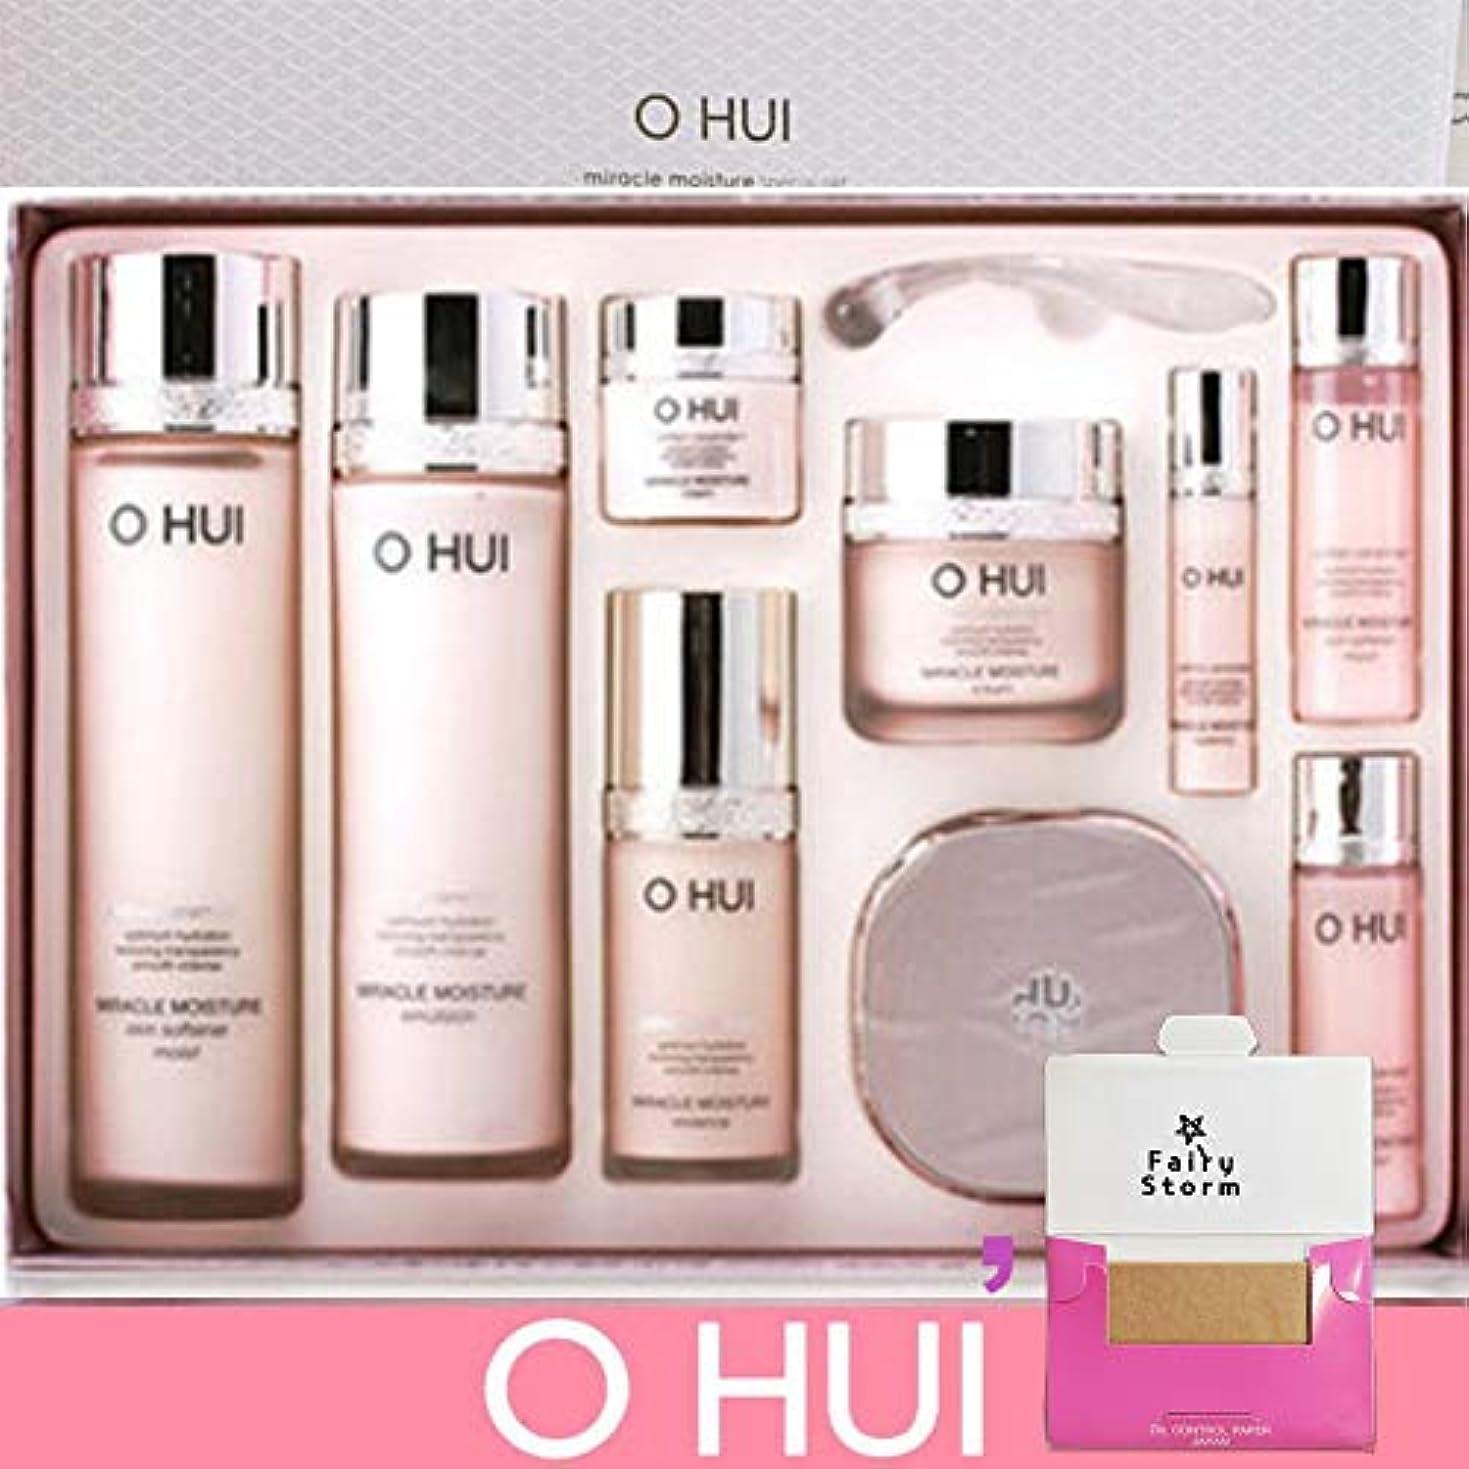 科学的雨の教授[オフィ/ O HUI]韓国化粧品 LG生活健康/ O HUI MIRACLE MOISTURE SPECIAL SET/ミラクルモイスチャー スペシャル 4種 企画セット + [Sample Gift](海外直送品)